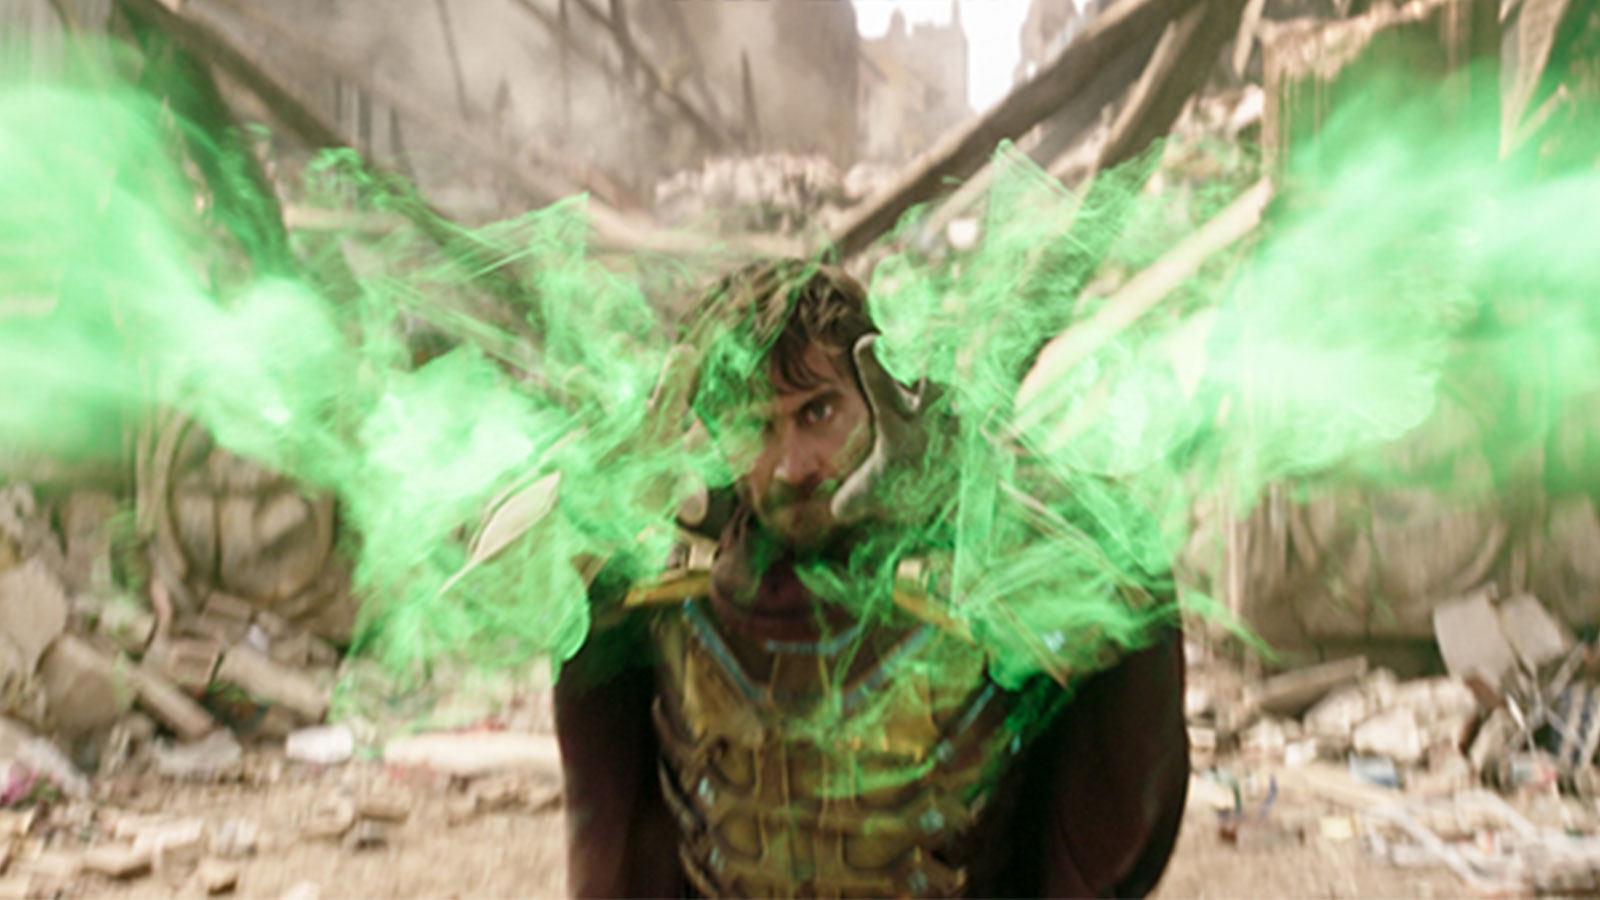 《蜘蛛侠:英雄远征》公布终极预告,6月28日正式上映